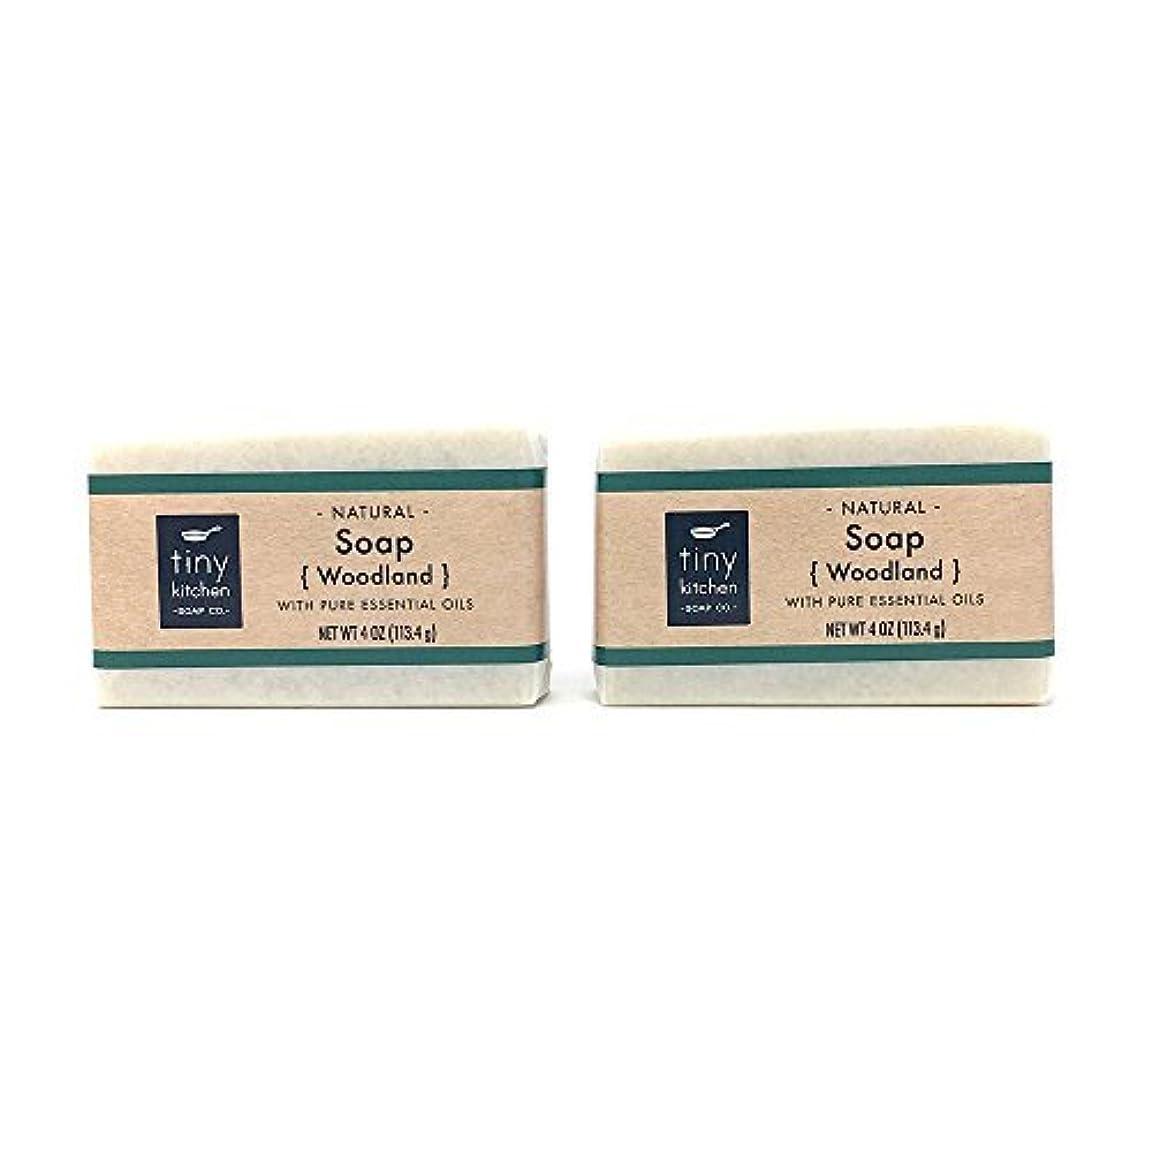 送料頬骨掃くWoodland Natural Bar Soap (2 Pack) Handmade with Organic Base Oils and Pure Essential Oils [並行輸入品]